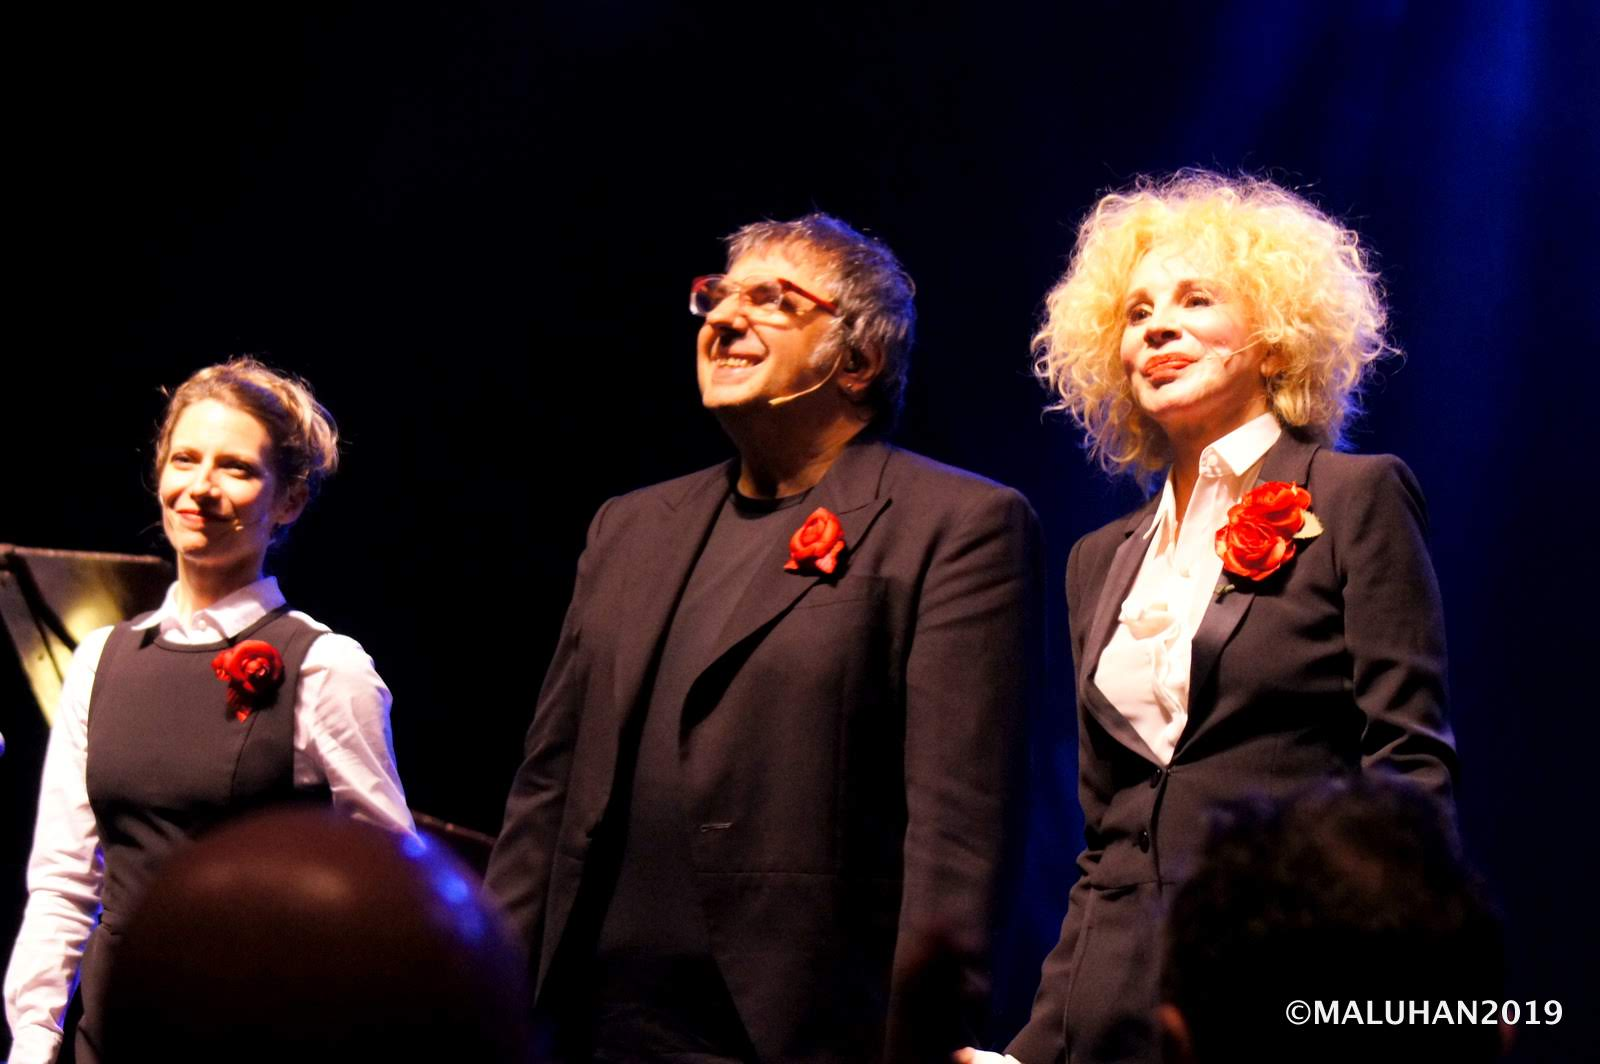 Nacha Guevara, Elena Roger y Lito Vitale vuelven a juntarse en el teatro Ópera Orbis Seguros